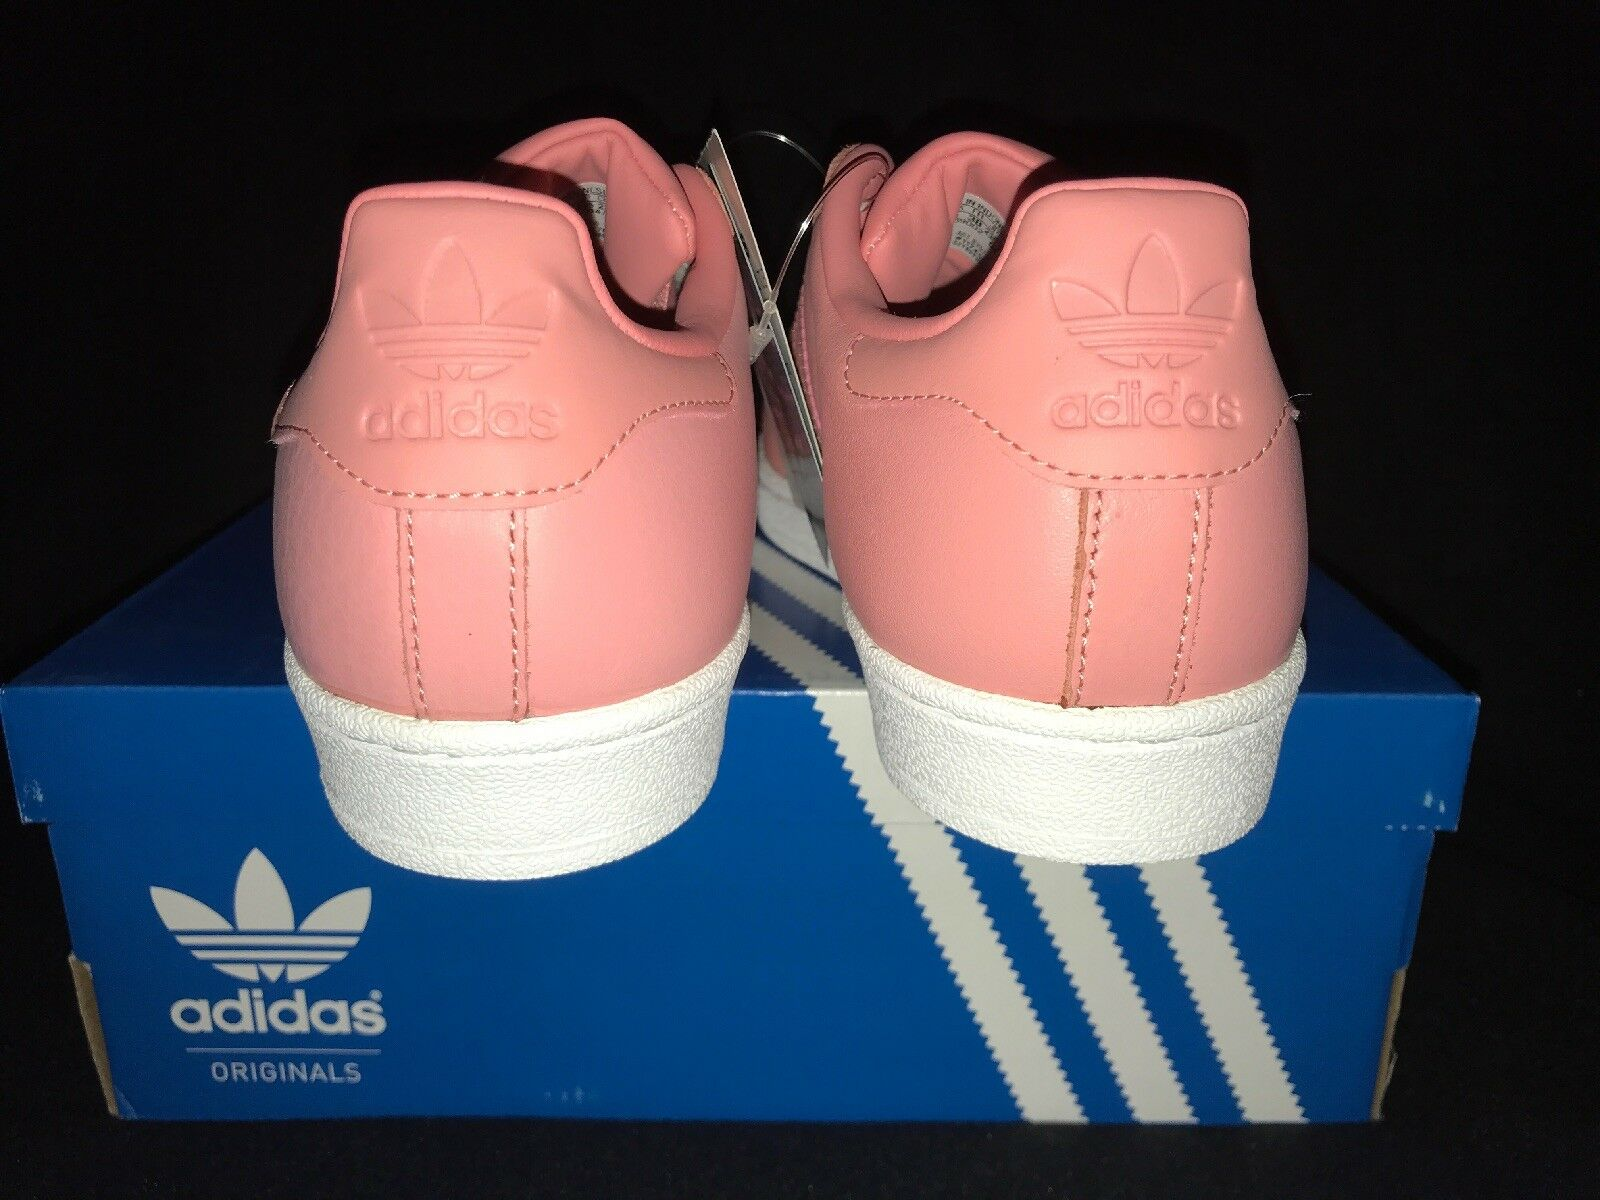 Adidas Trainers Superstar Metal Größe Toe In Rose And Weiß Größe Metal 5 993fbd